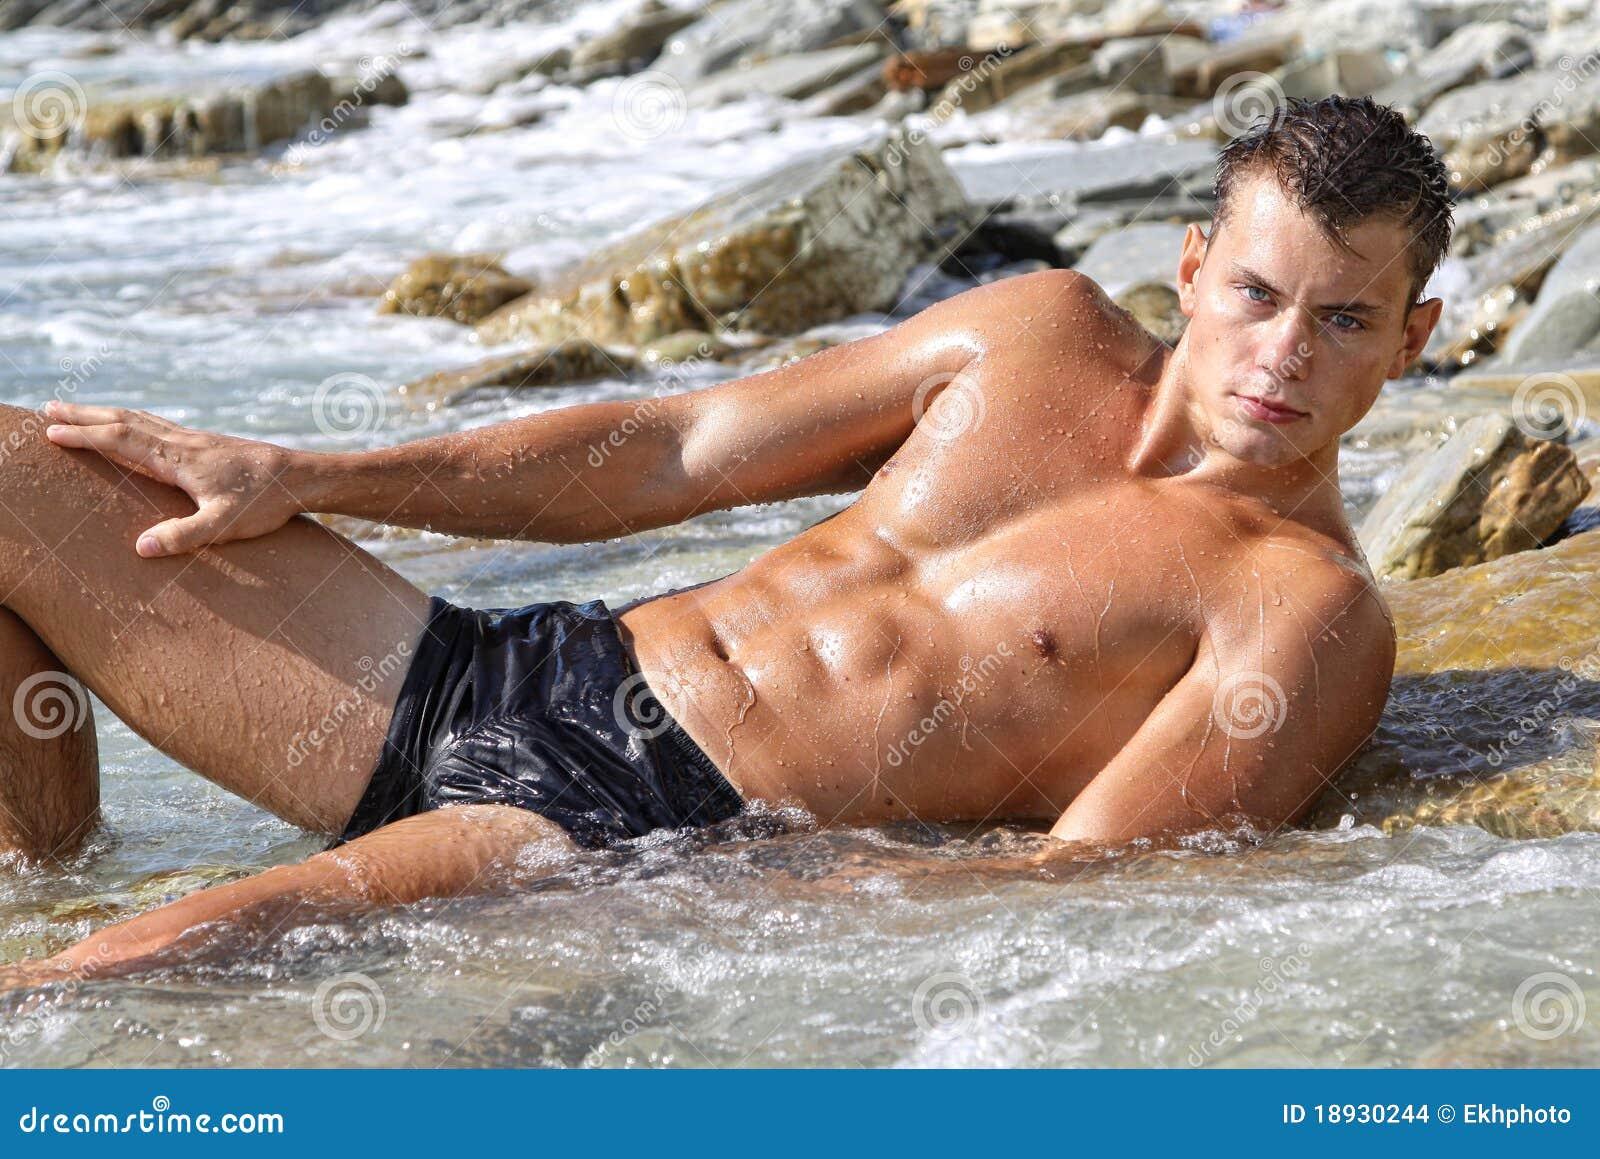 Jorge bumst zwei Frauen am Strand -